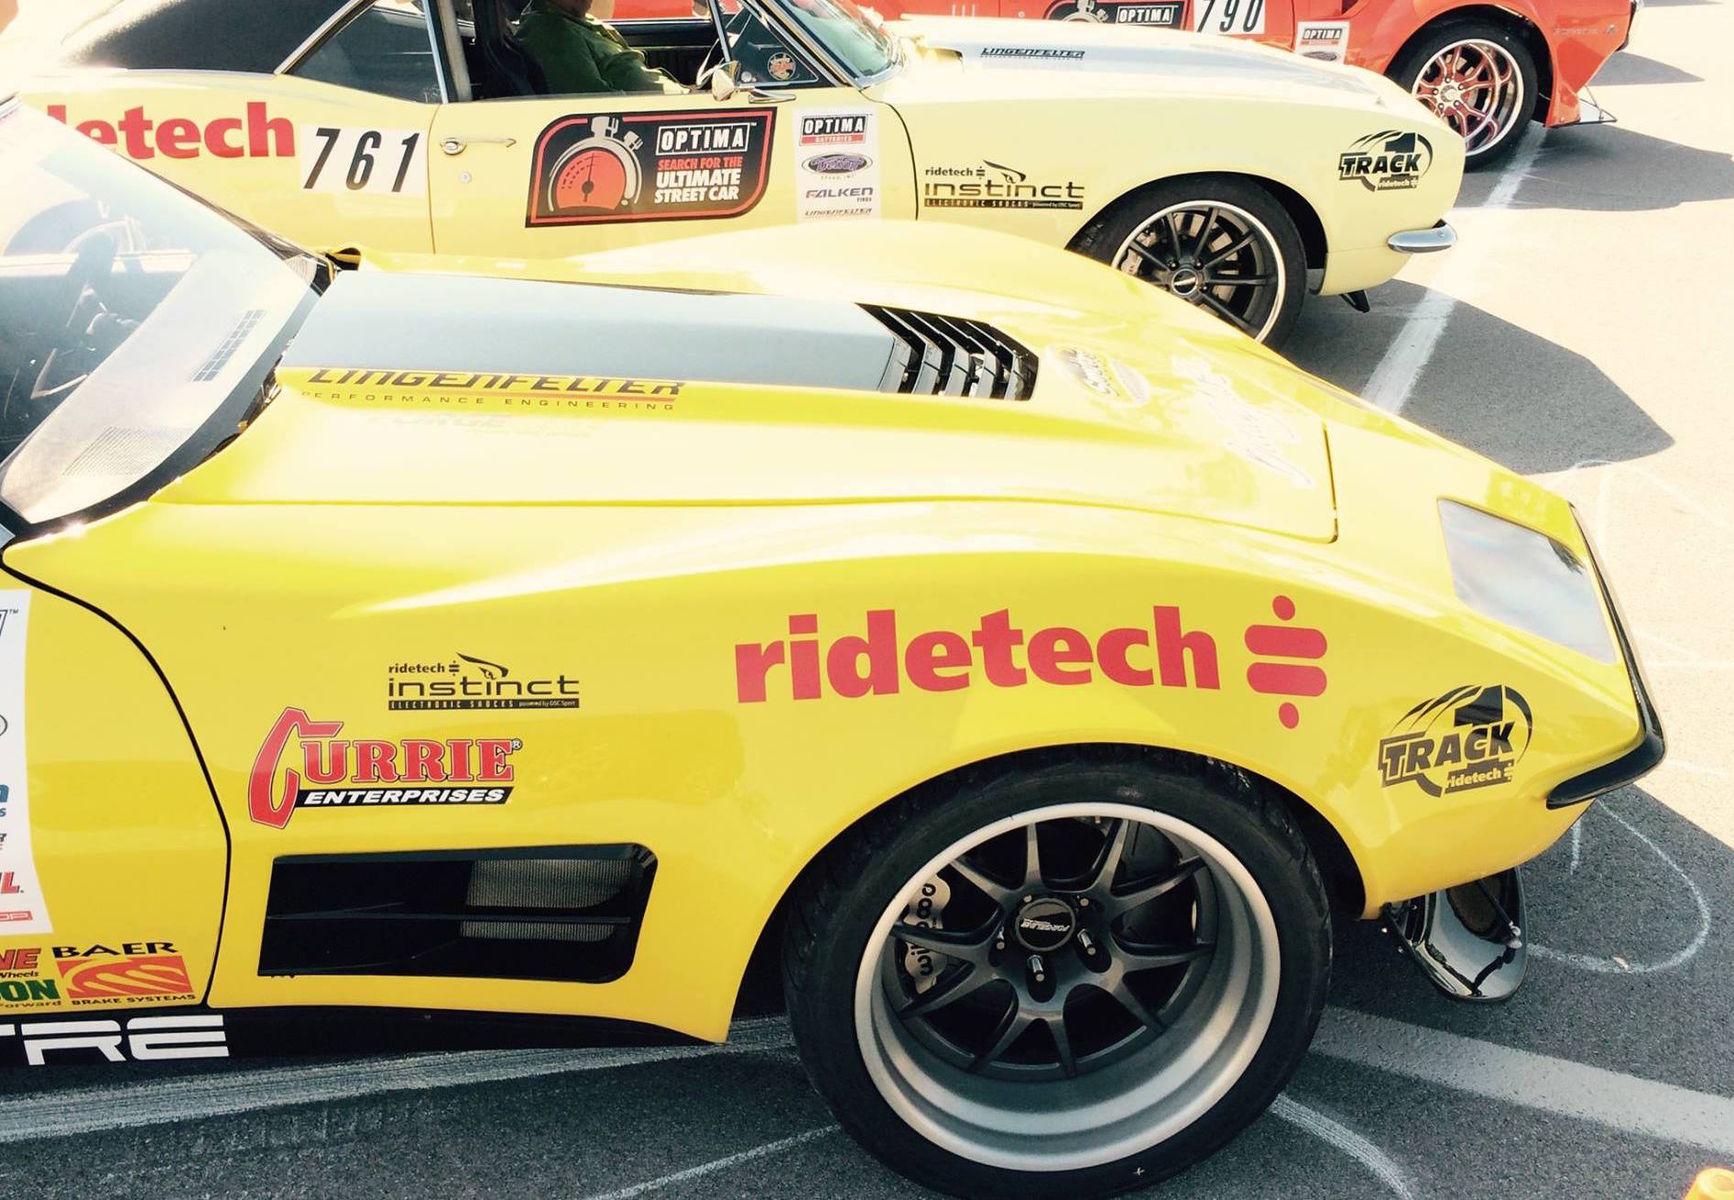 1972 Chevrolet Corvette Stingray | Chris Smith Wins GTV Class at USCA NCM in RideTech's 48 Hour Corvette on Forgeline GA3R Wheels